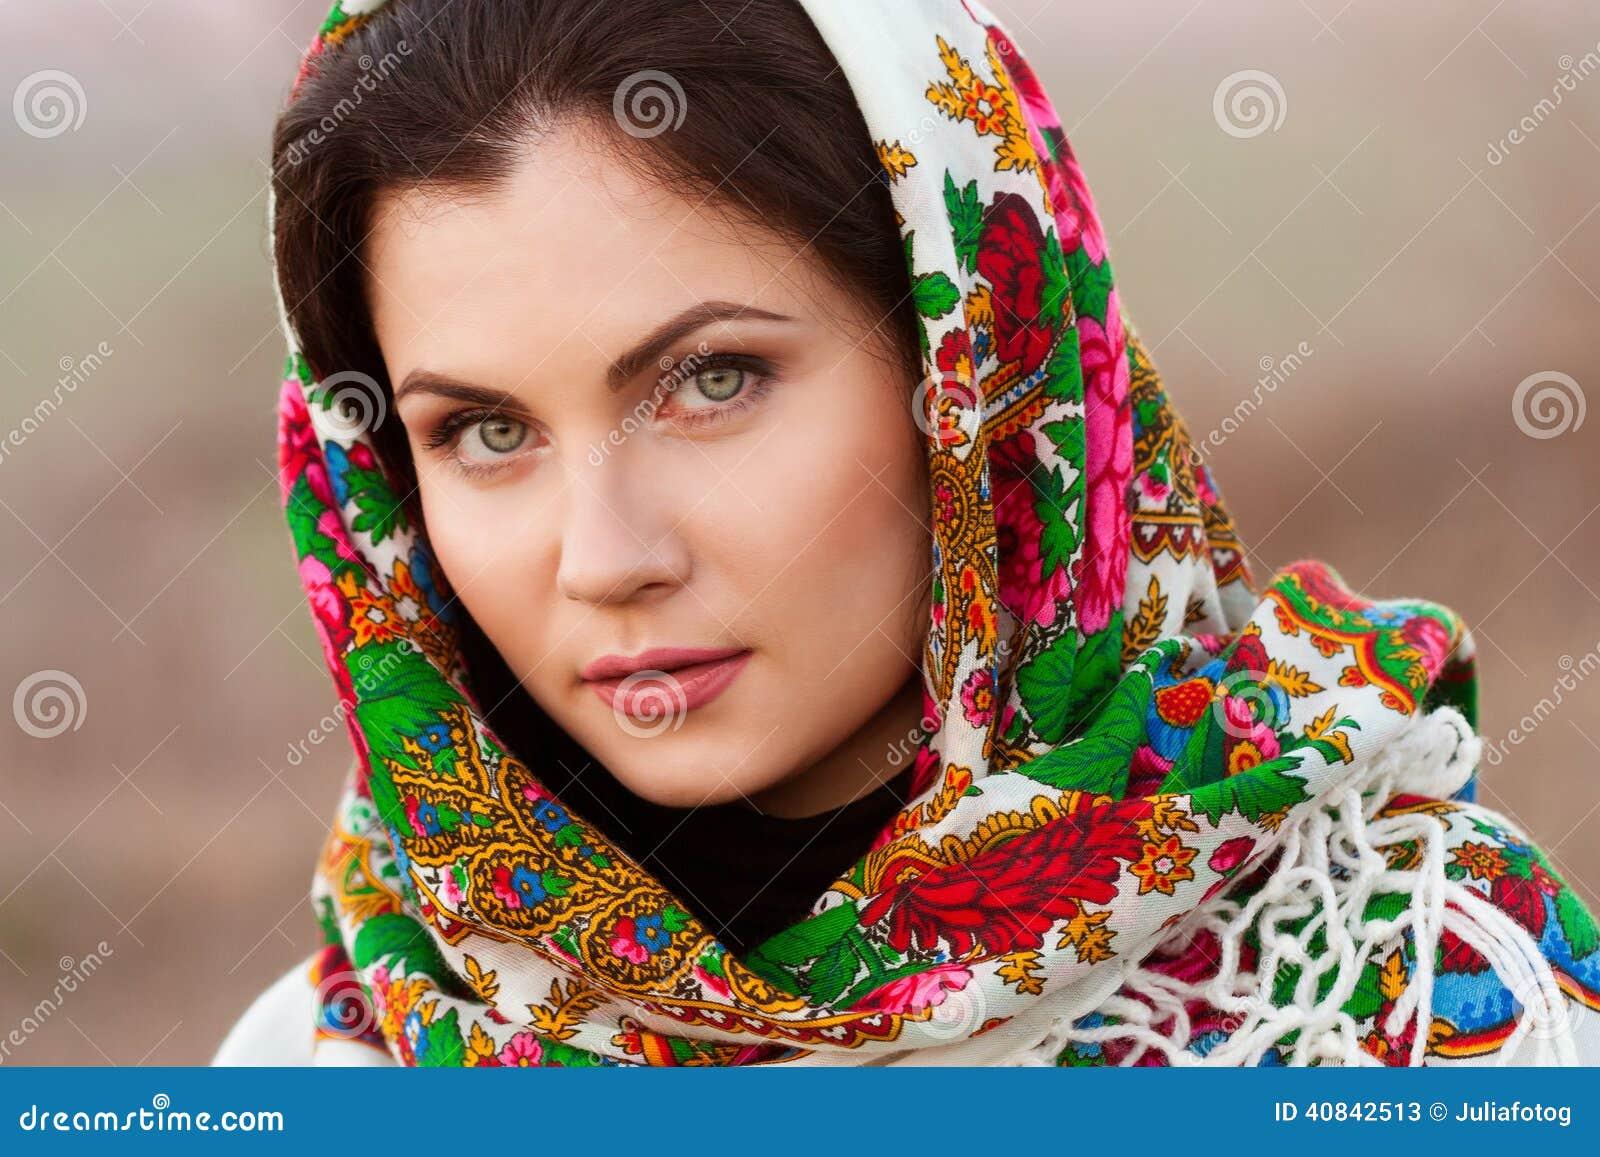 Русская тётка дома фото 2 фотография